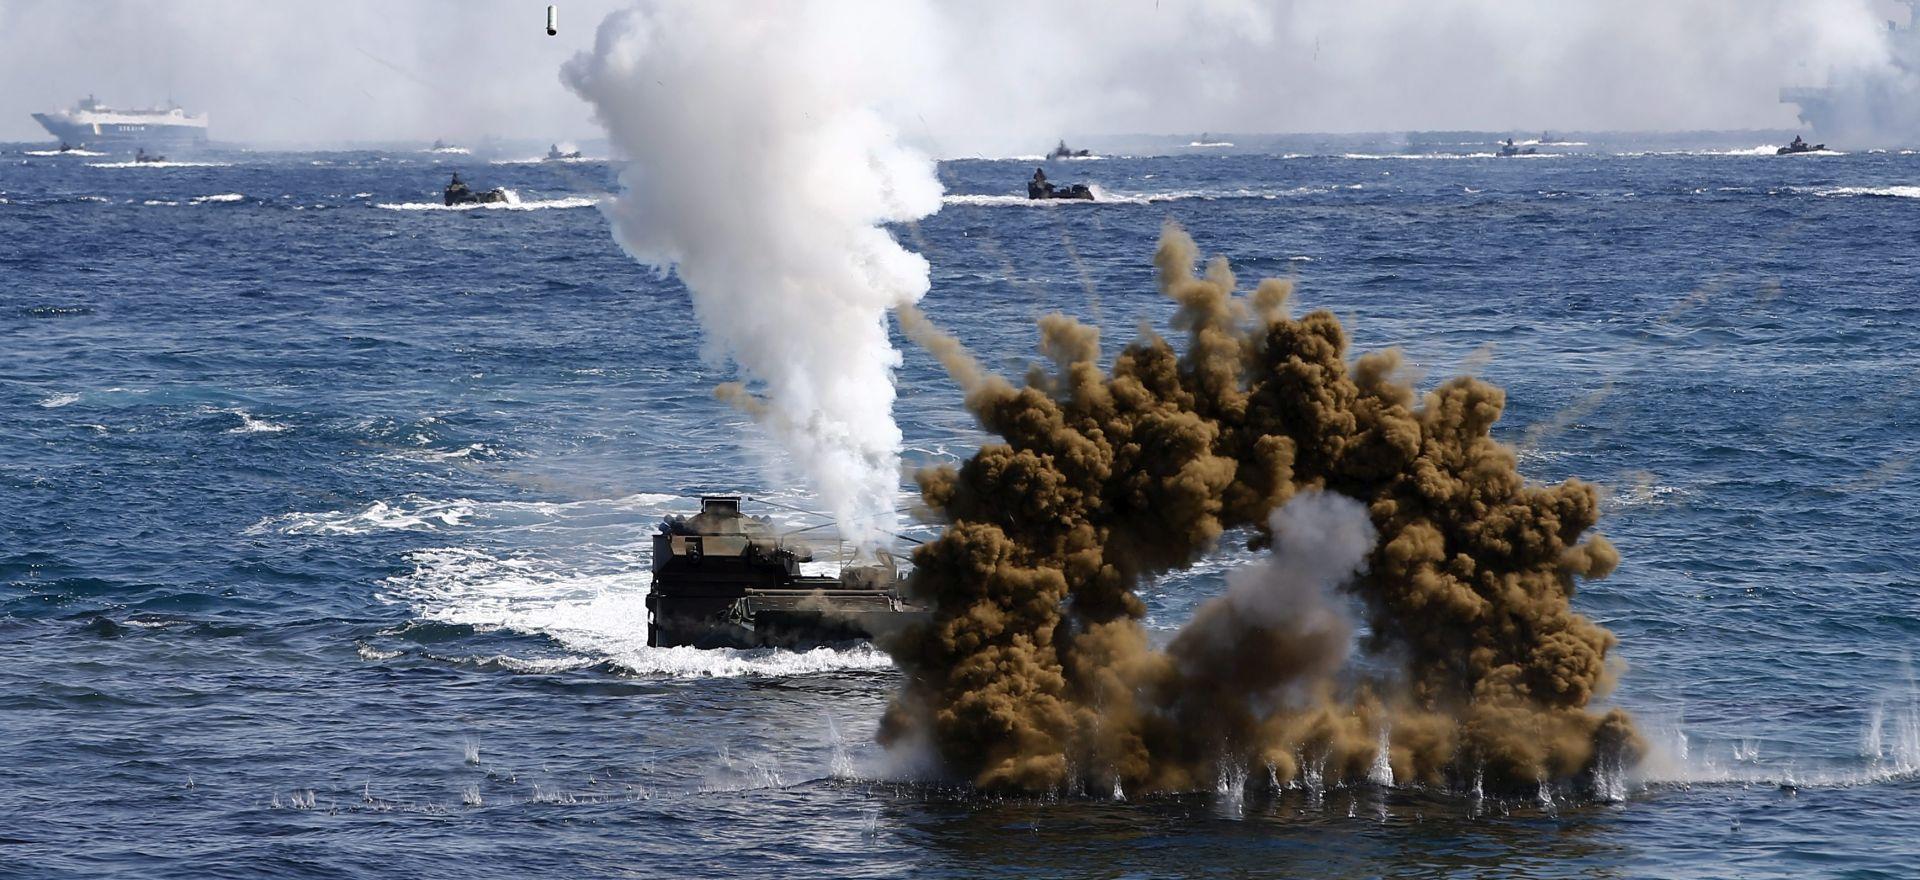 TIJEKOM NAJVEĆE VOJNE VJEŽBE Nestala sjevernokorejska podmornica